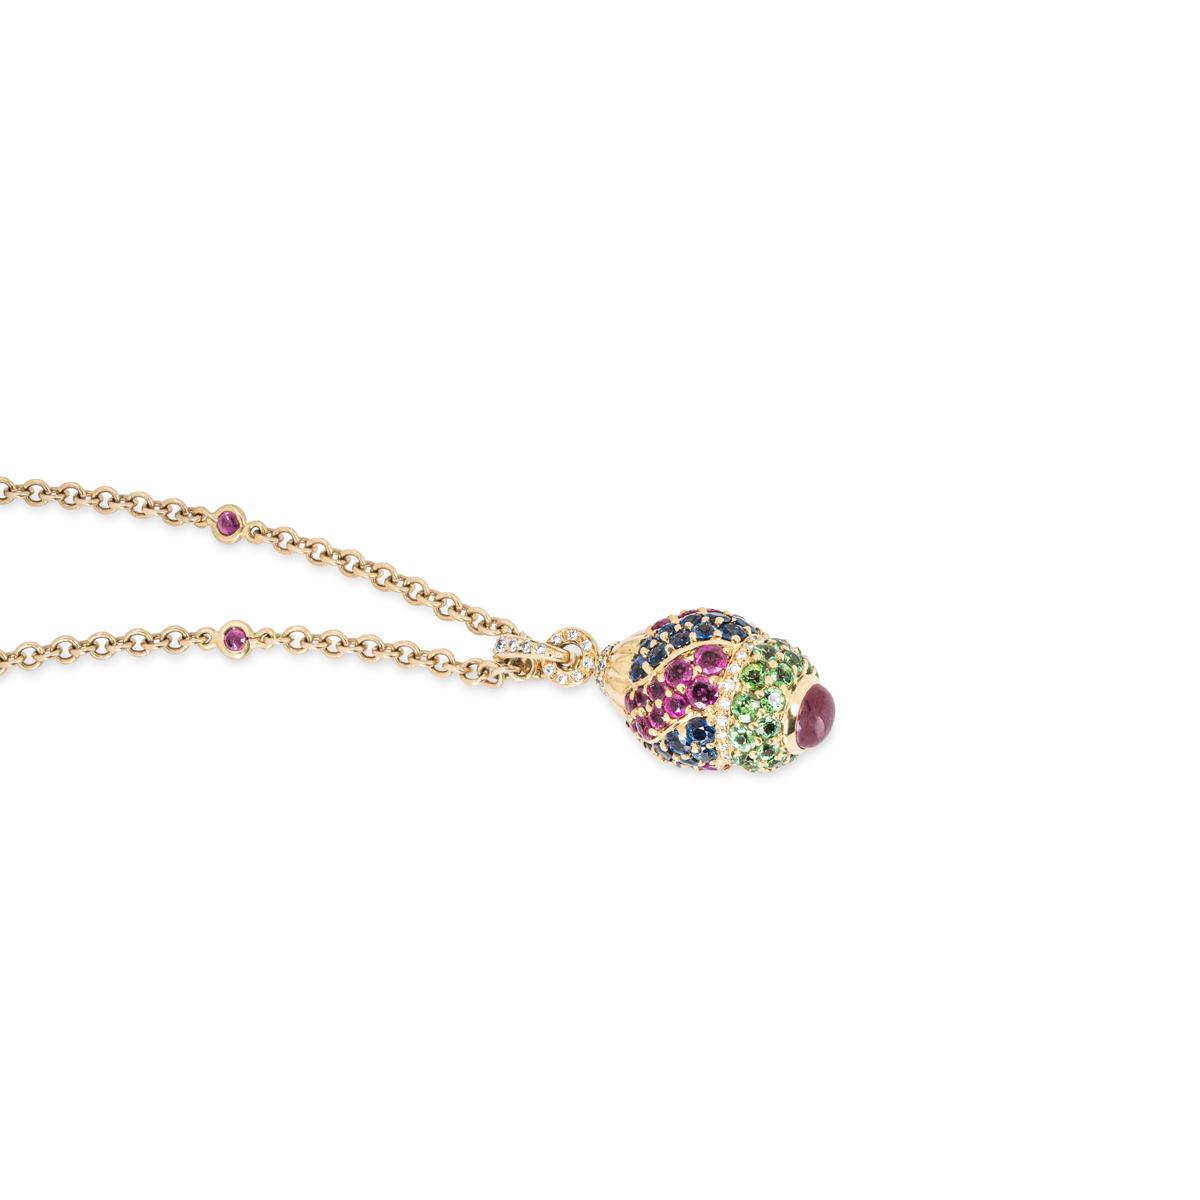 Yellow Gold Diamond, Ruby, Sapphire and Peridot Egg Pendant